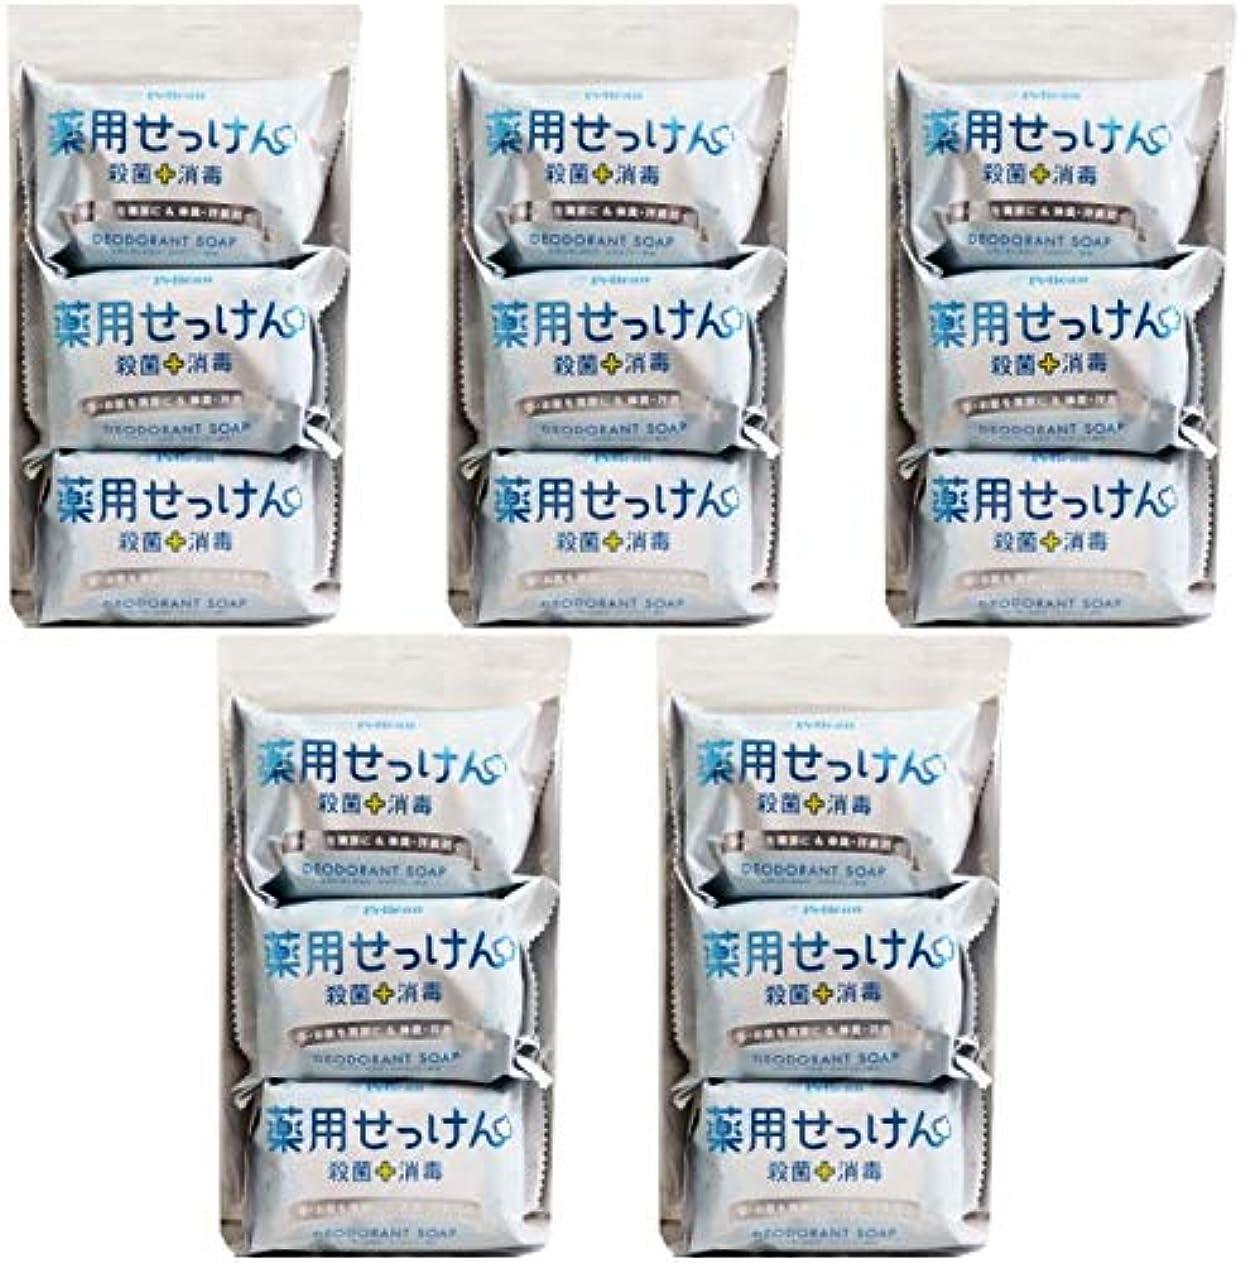 侮辱体細胞プレビスサイト【まとめ買い】ペリカン石鹸 薬用せっけん 85g×3個【×5個】